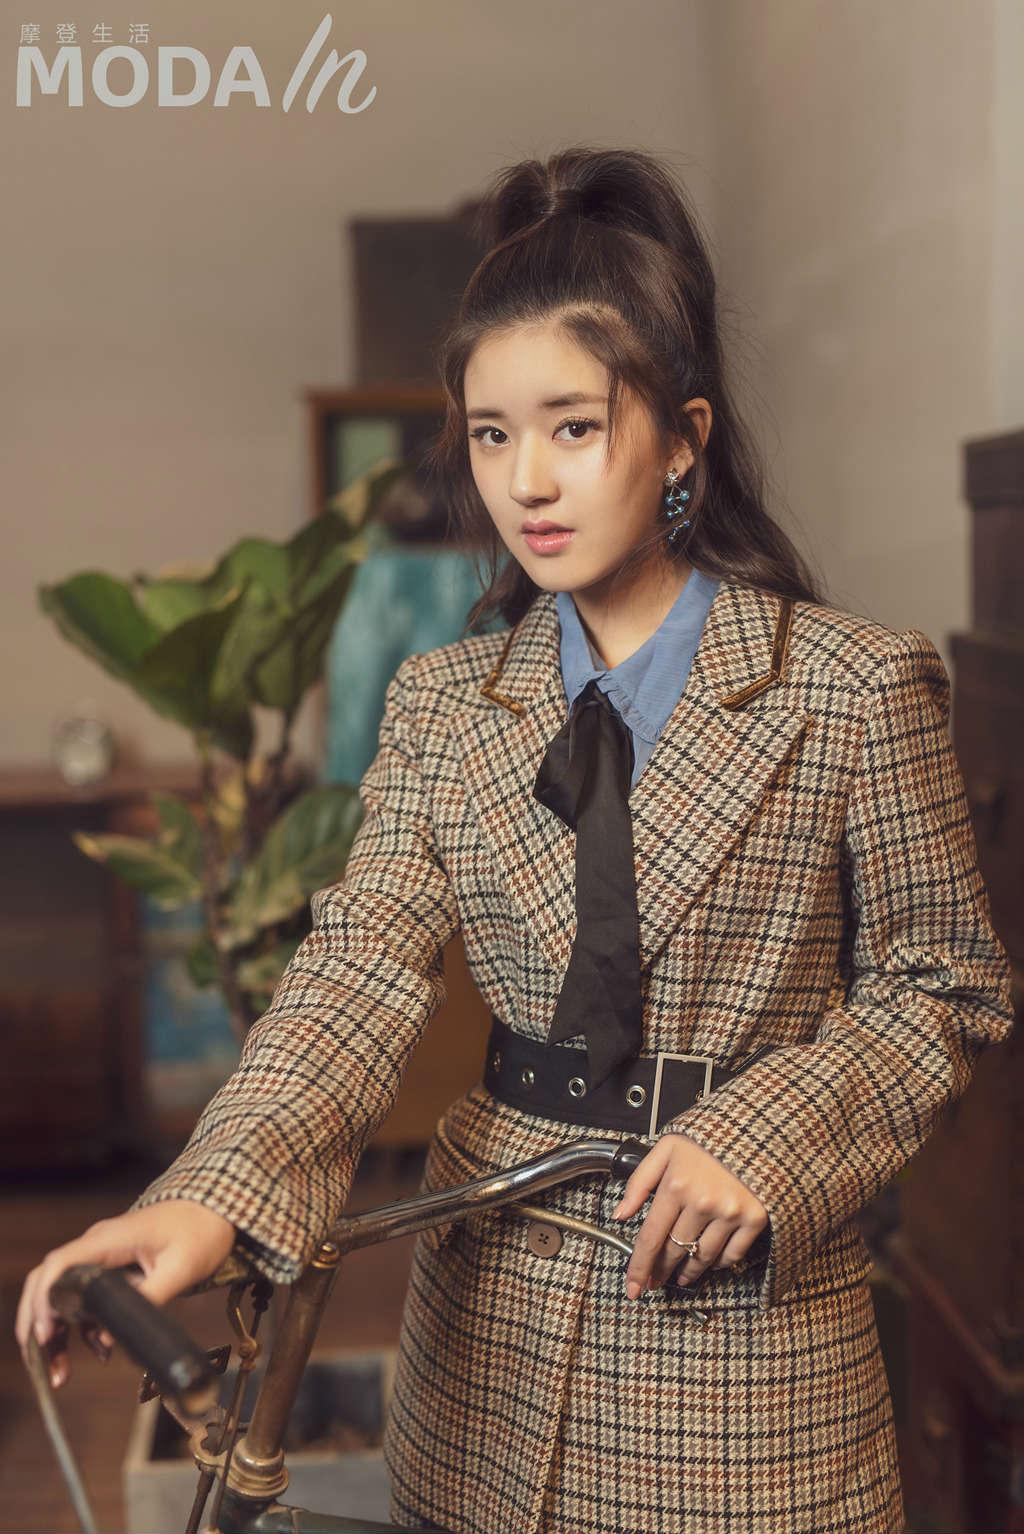 赵露思最新杂志大片曝光 青春甜美玩儿转复古风